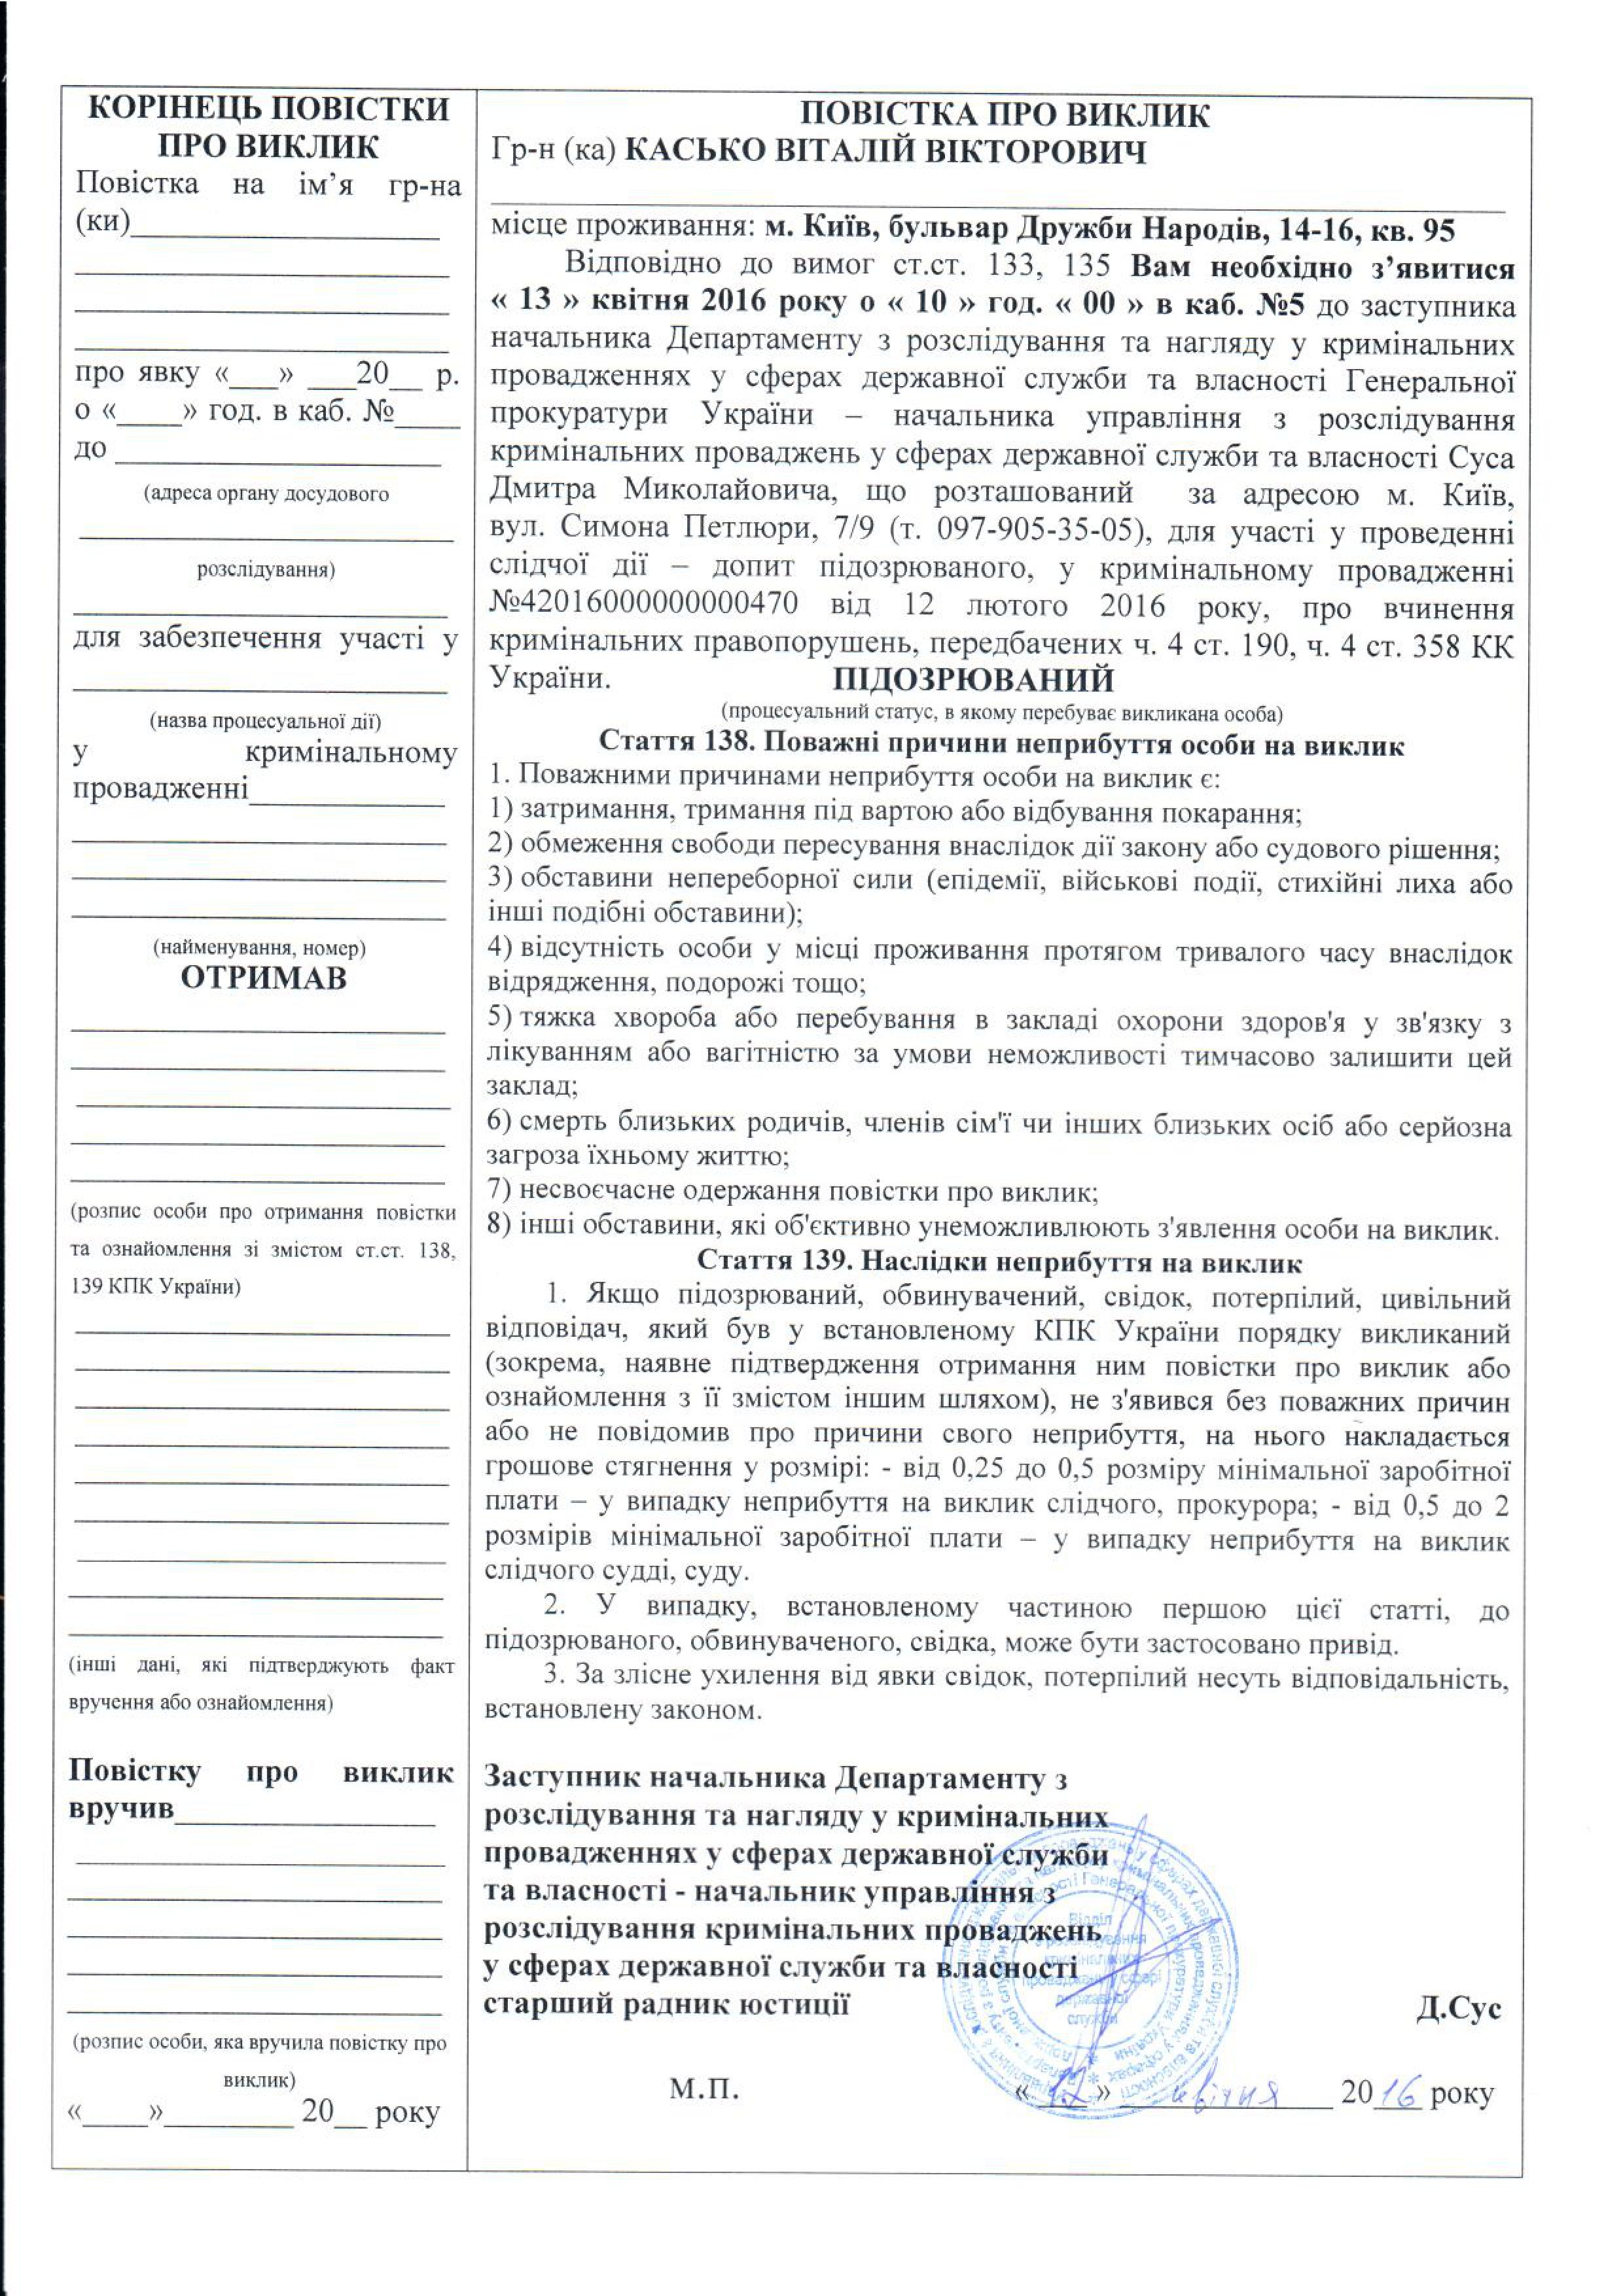 ГПУ викликає Каська на допит 13 квітня (ДОКУМЕНТ) - фото 1